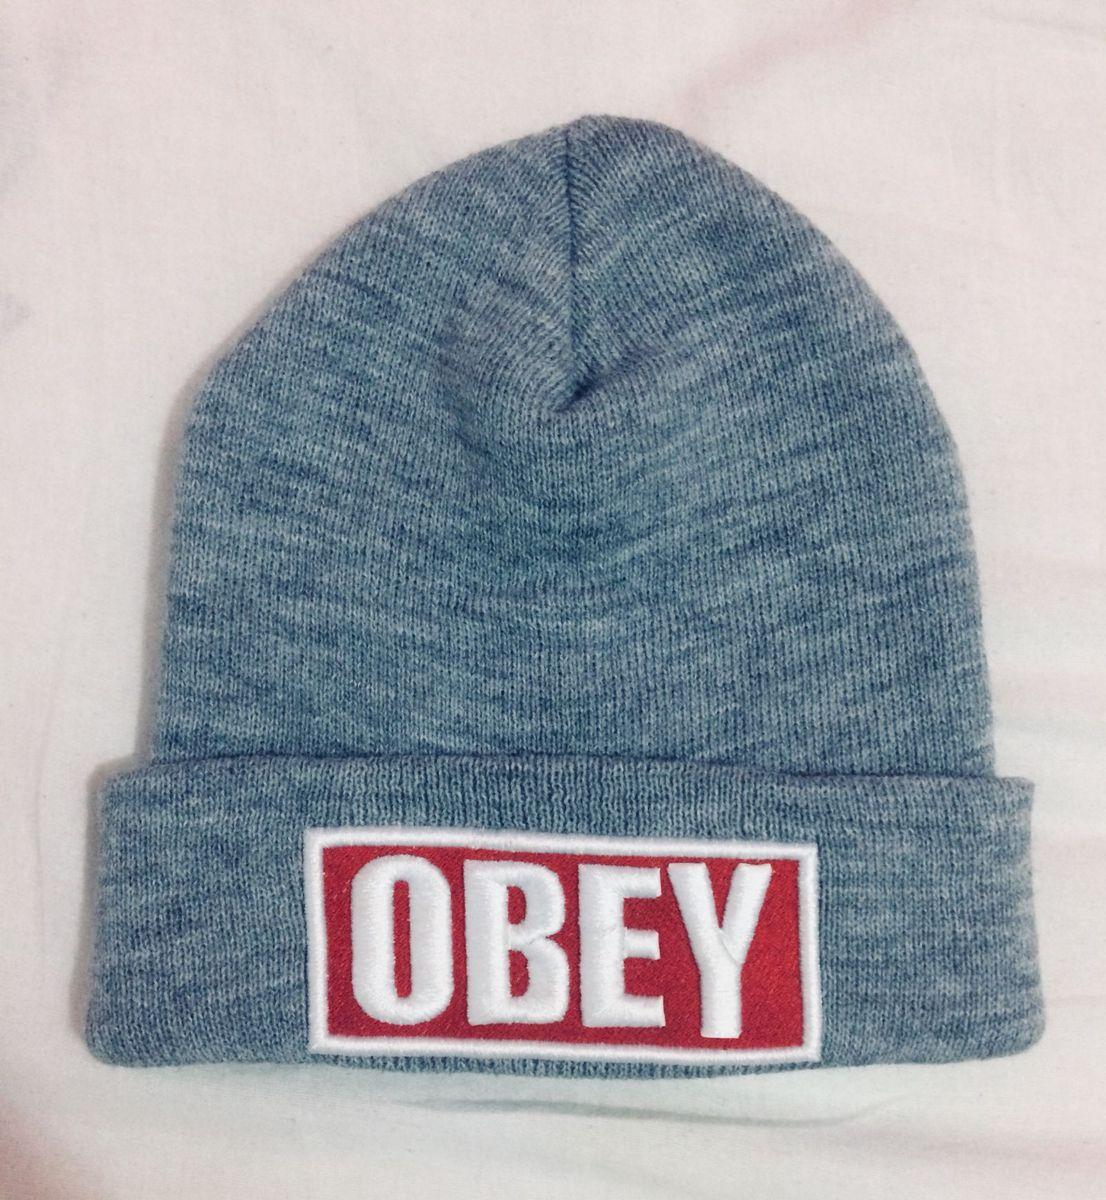 1c5080a69e148 touca obey - chapeu obey.  Czm6ly9wag90b3muzw5qb2vplmnvbs5ici9wcm9kdwn0cy80nzk3nziylzljnjfmnjlhmgm1nwm4owrmmmqymgnjyme3mwfmmtyzlmpwzw  ...